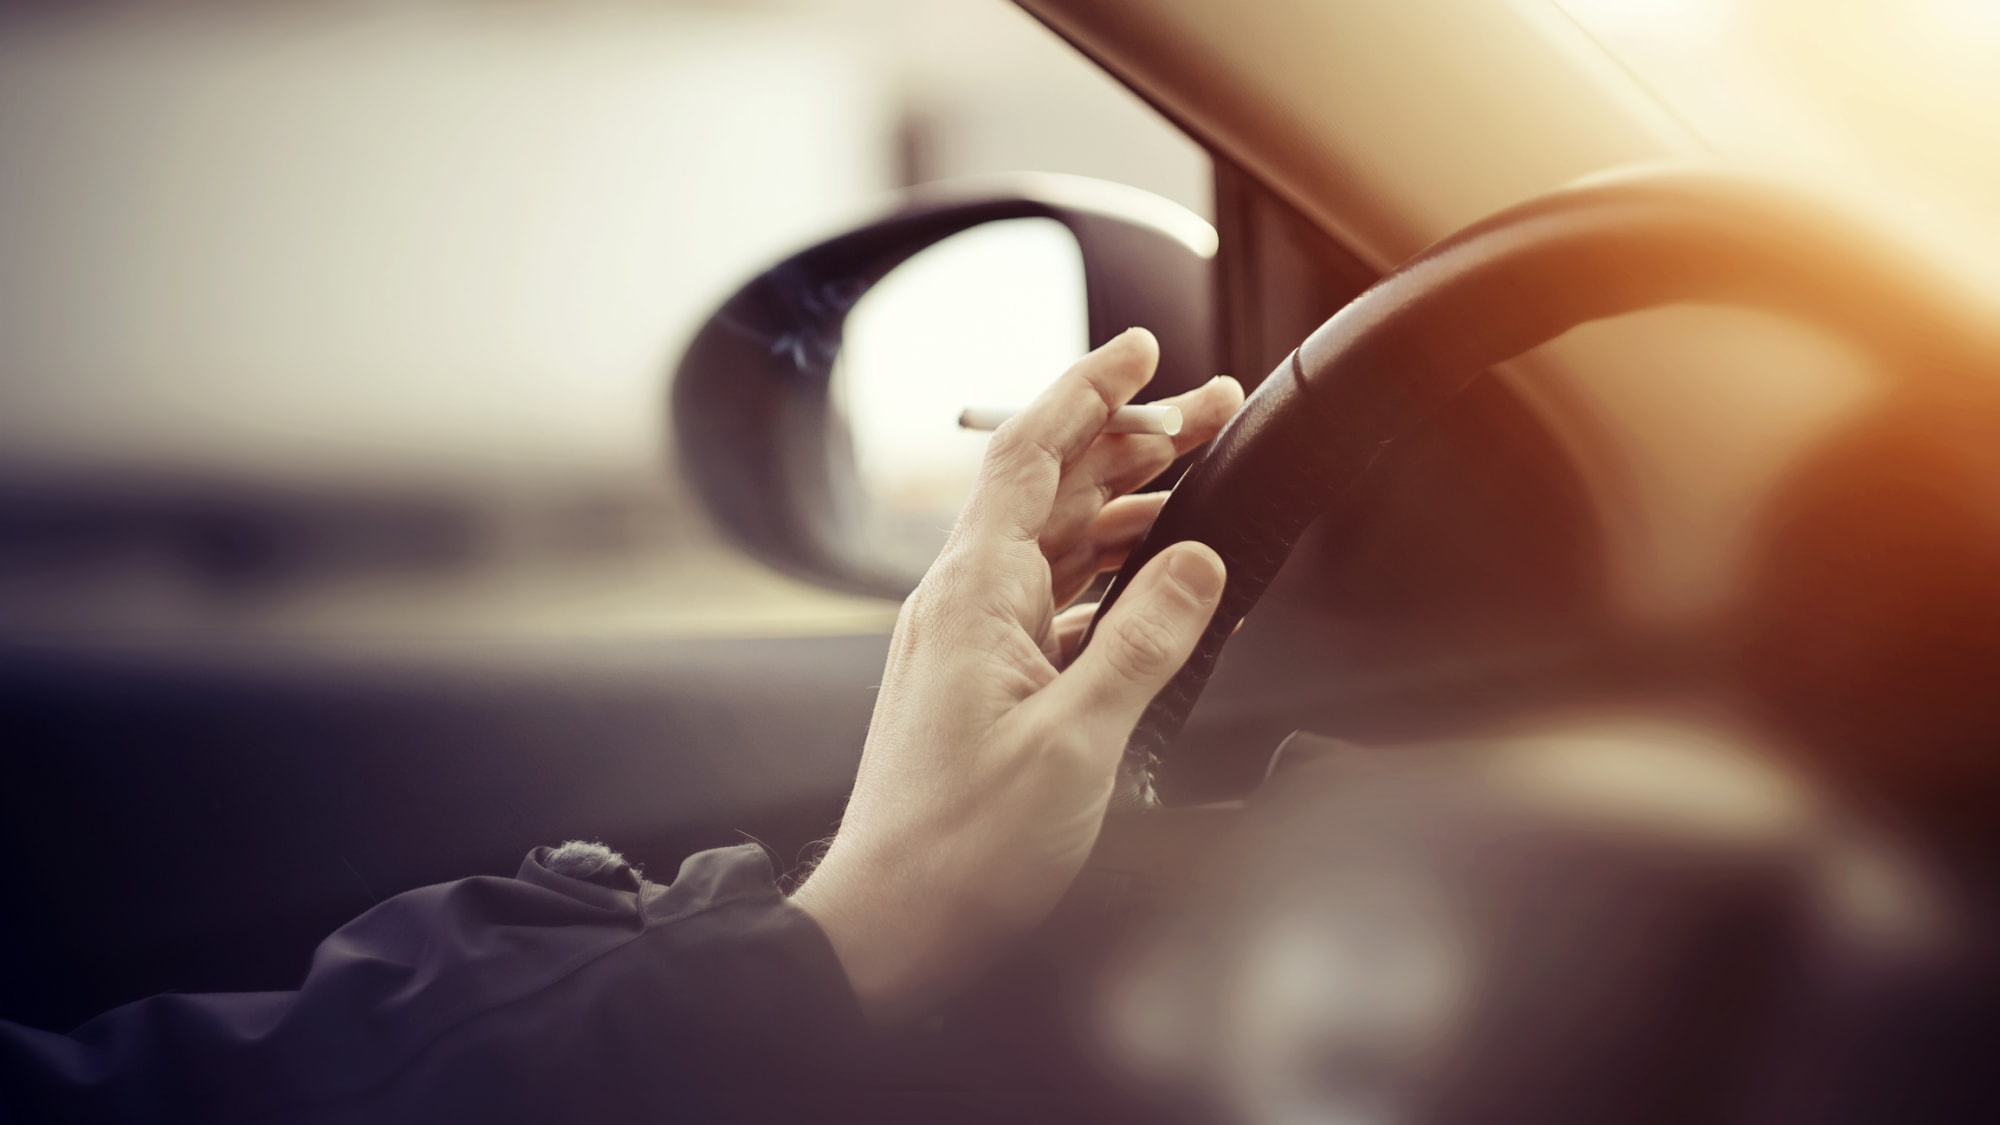 Mann mit Zigarette in der Hand fährt Auto